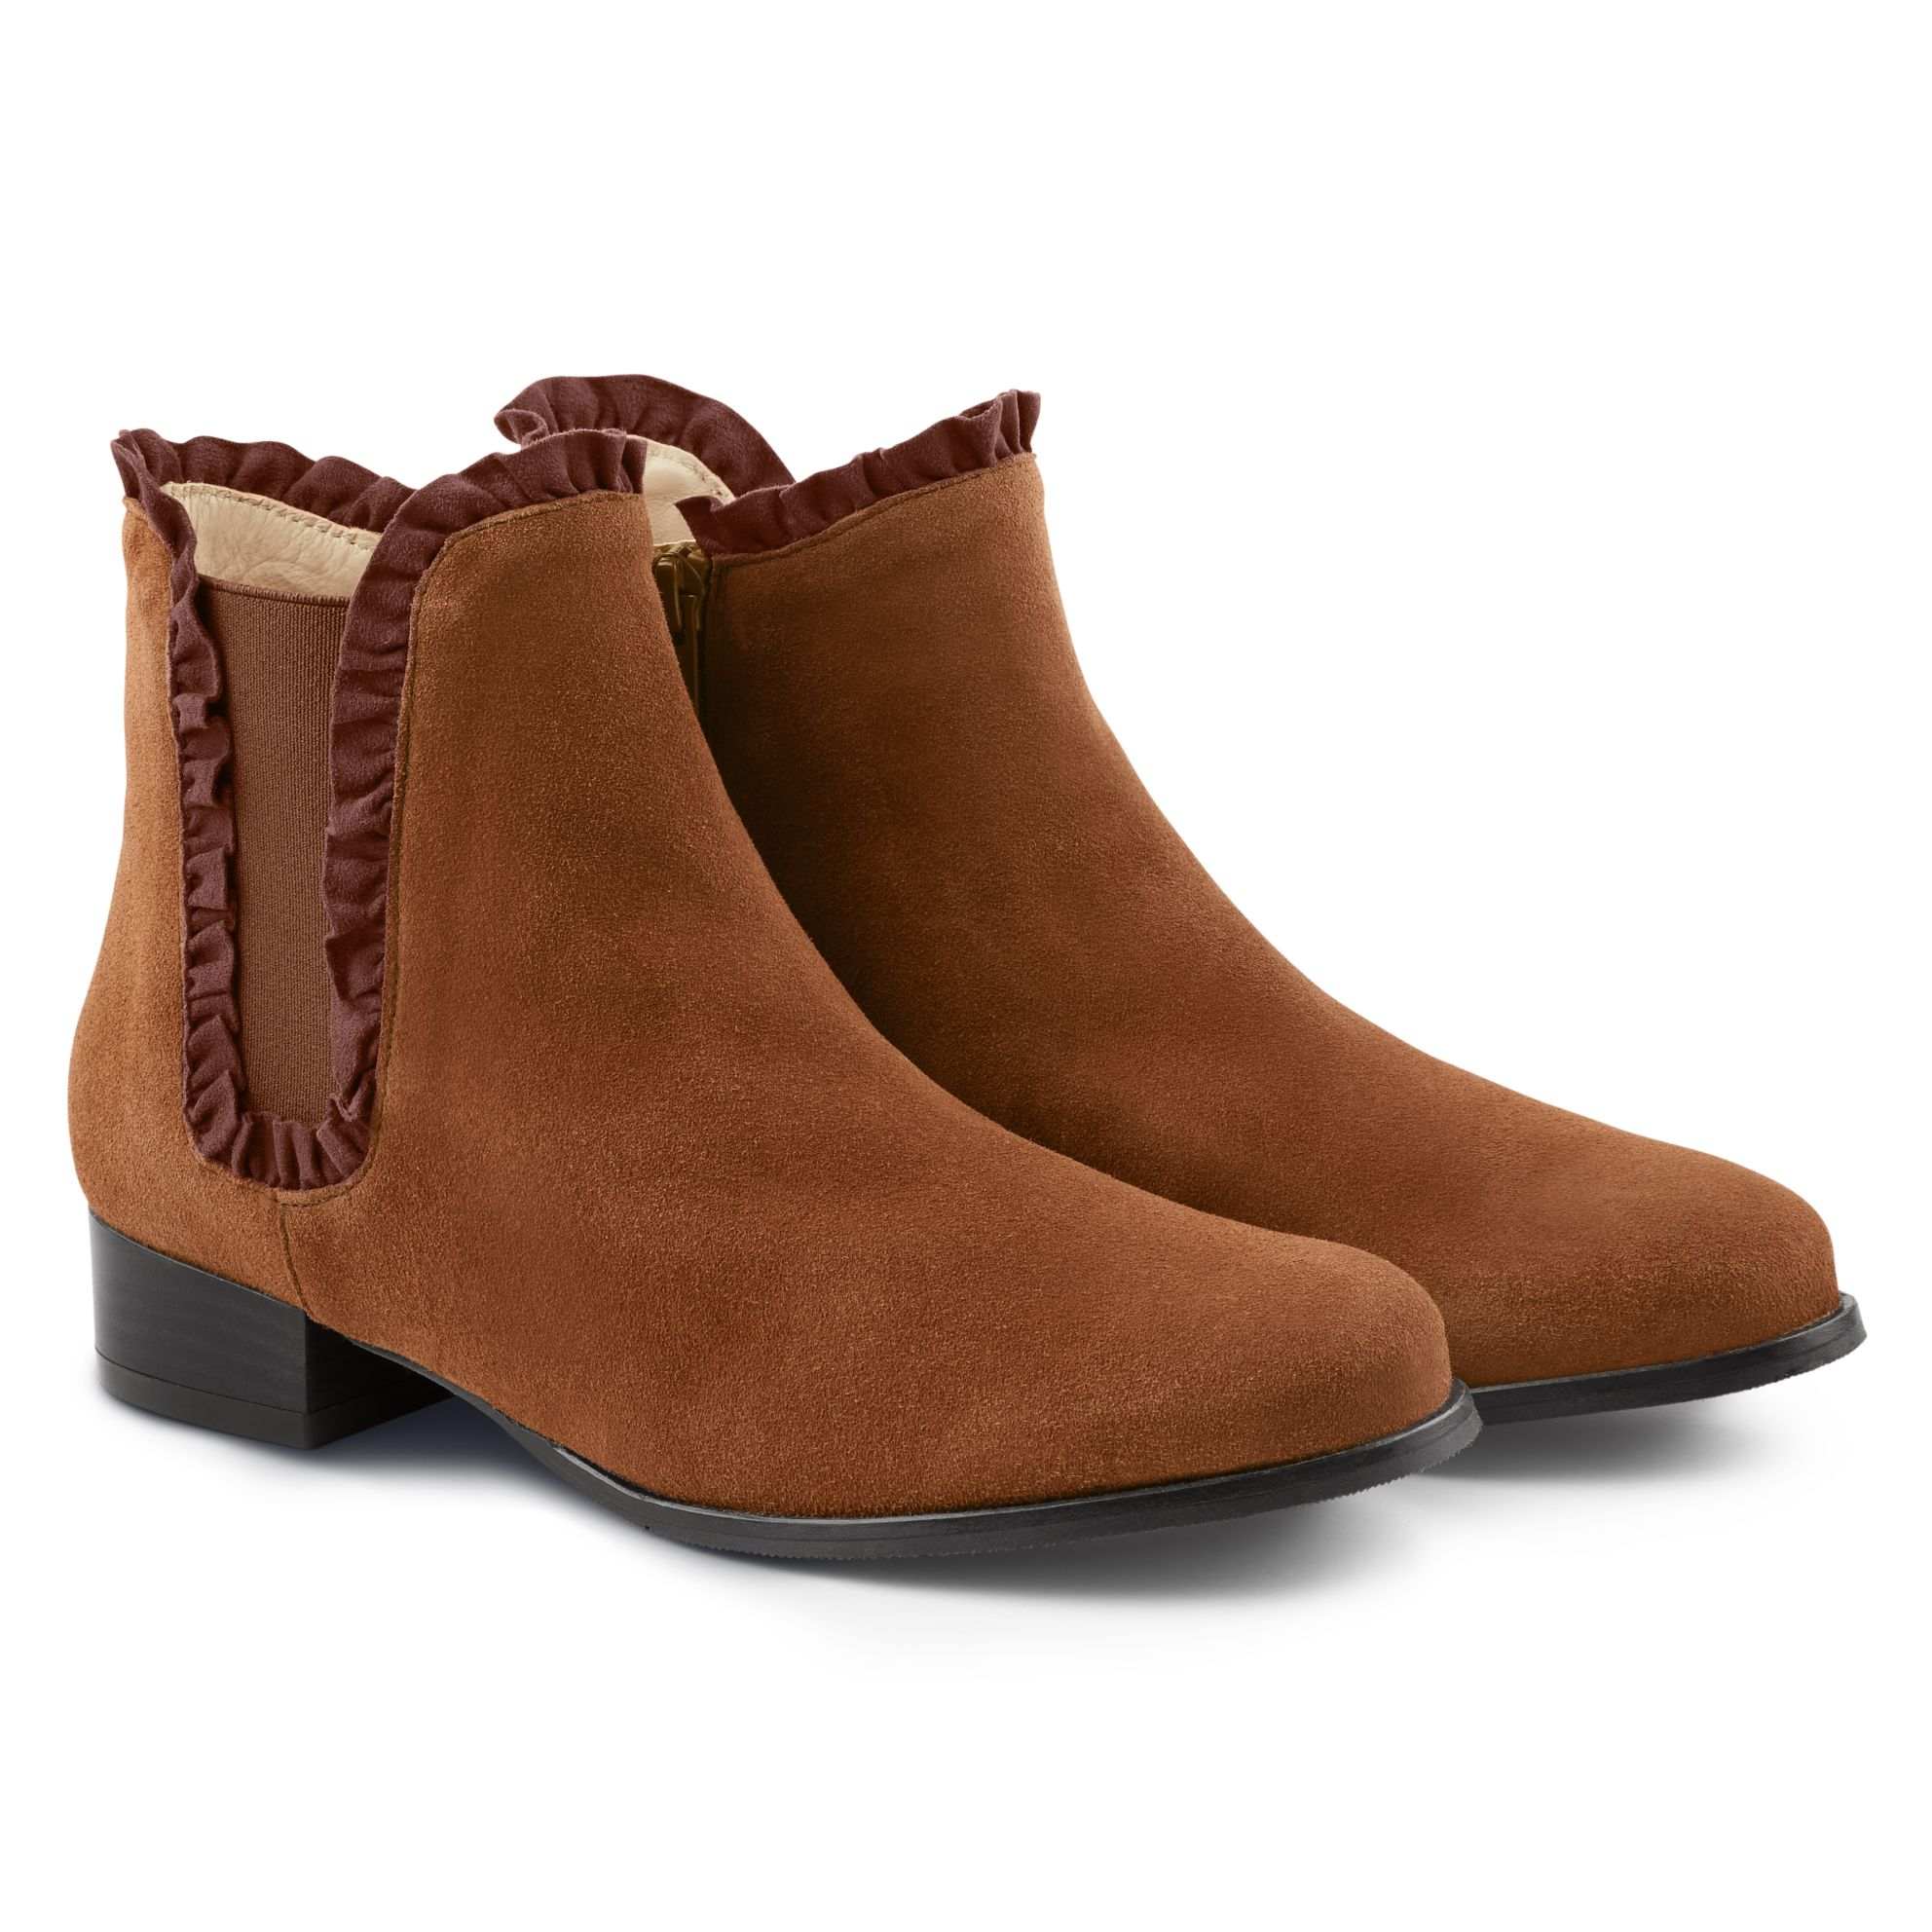 Chelseabootie mit Rüschen Braun – modischer und bequemer Schuh für Hallux valgus und empfindliche Füße von LaShoe.de